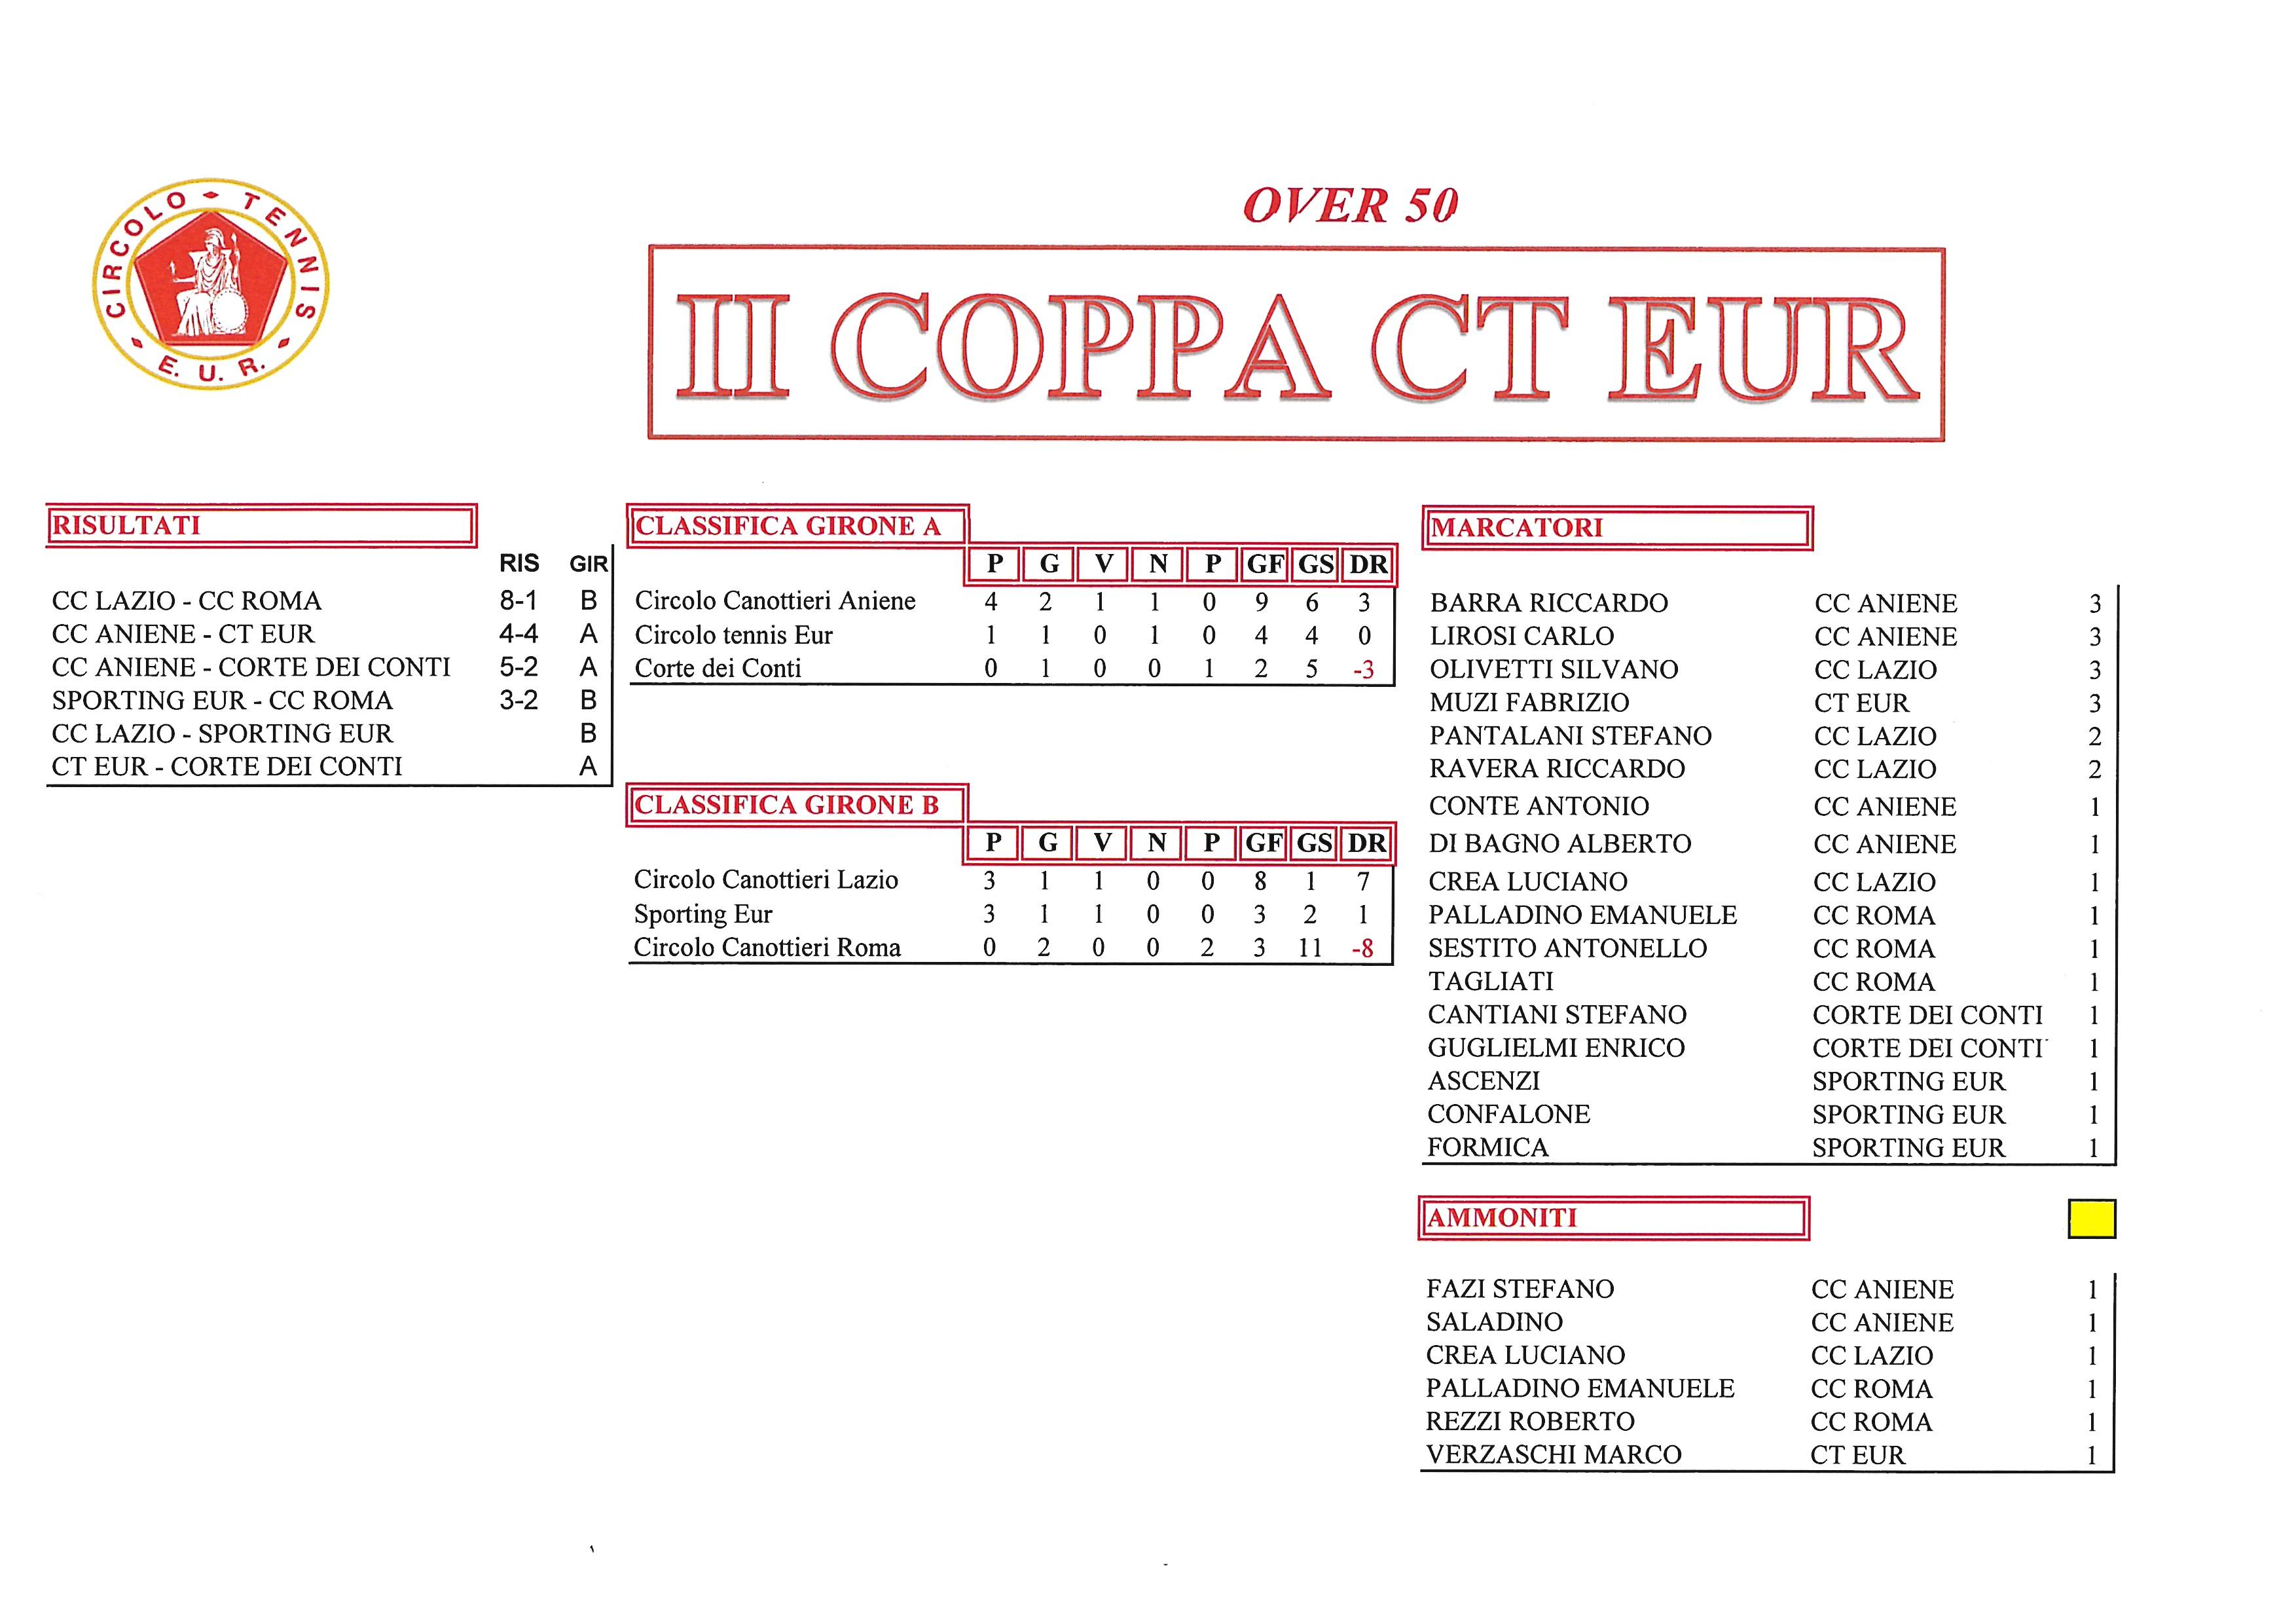 Coppa-CT-Eur-risultati-del-25-settembre2017-Over-50